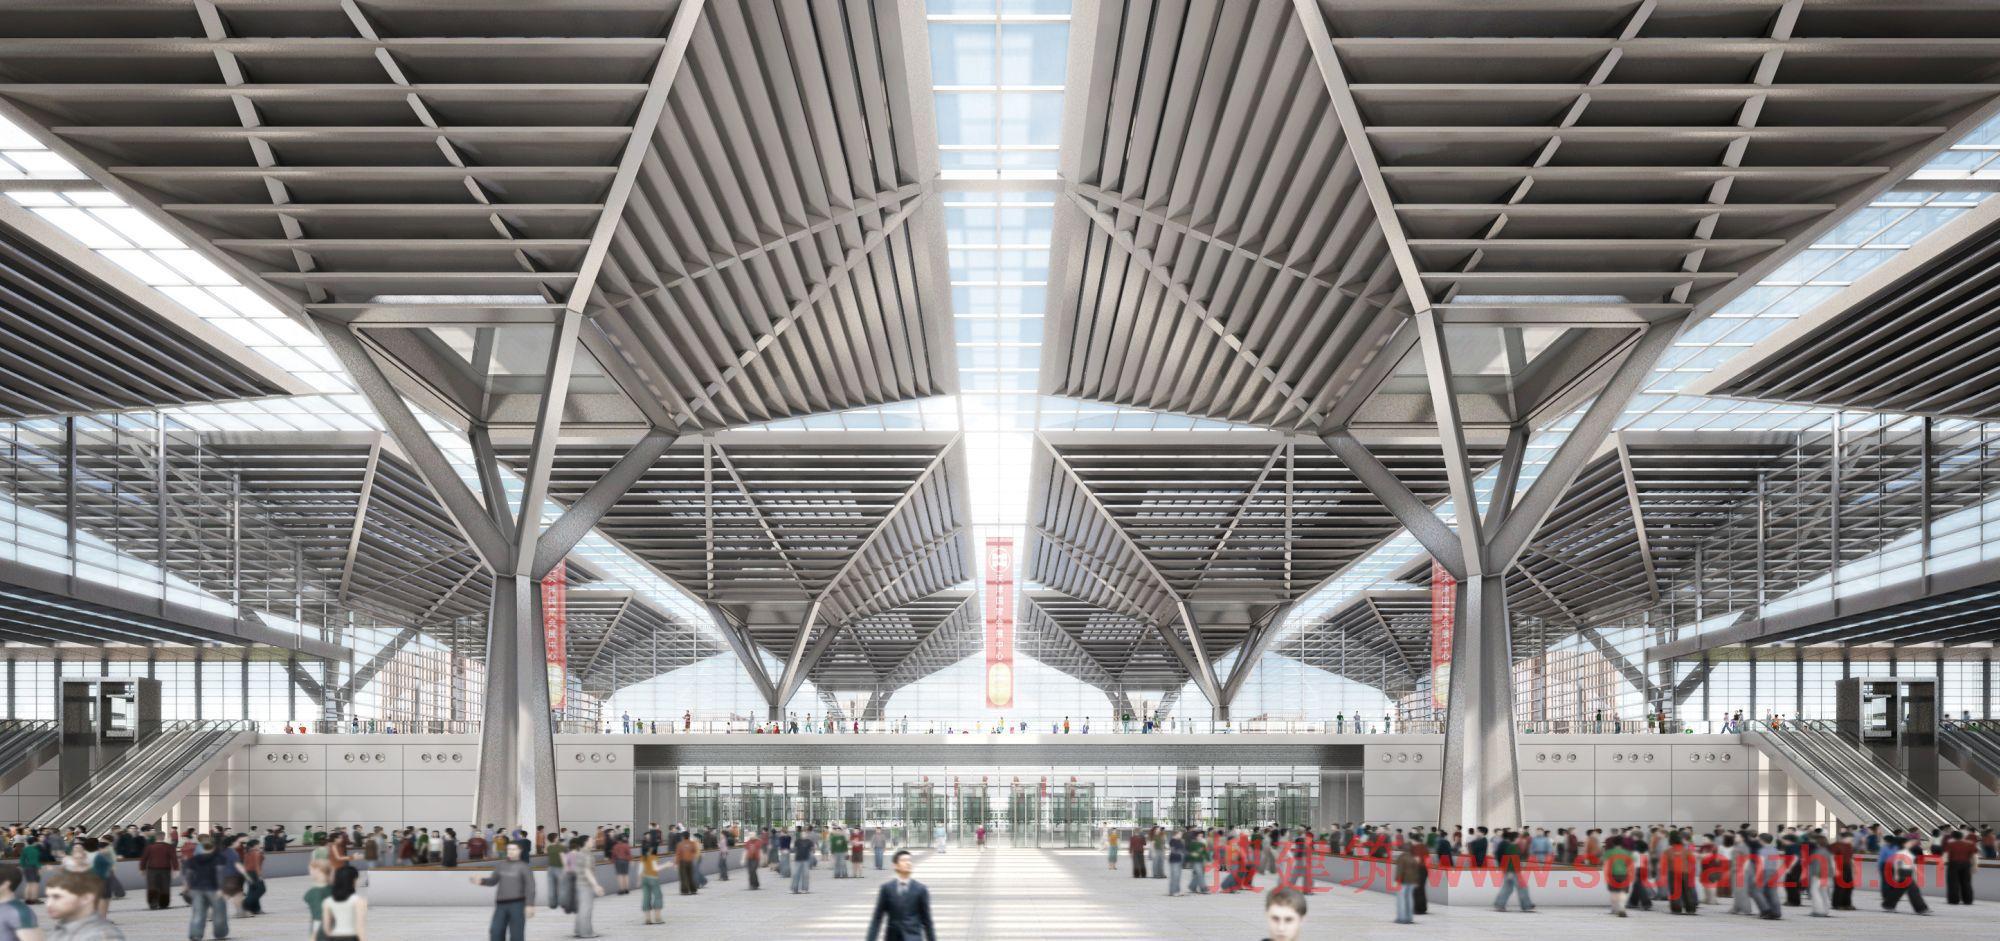 2013建筑面积规范_搜建筑网 -- 天津·国家会展中心获胜方案---gmp Architekten